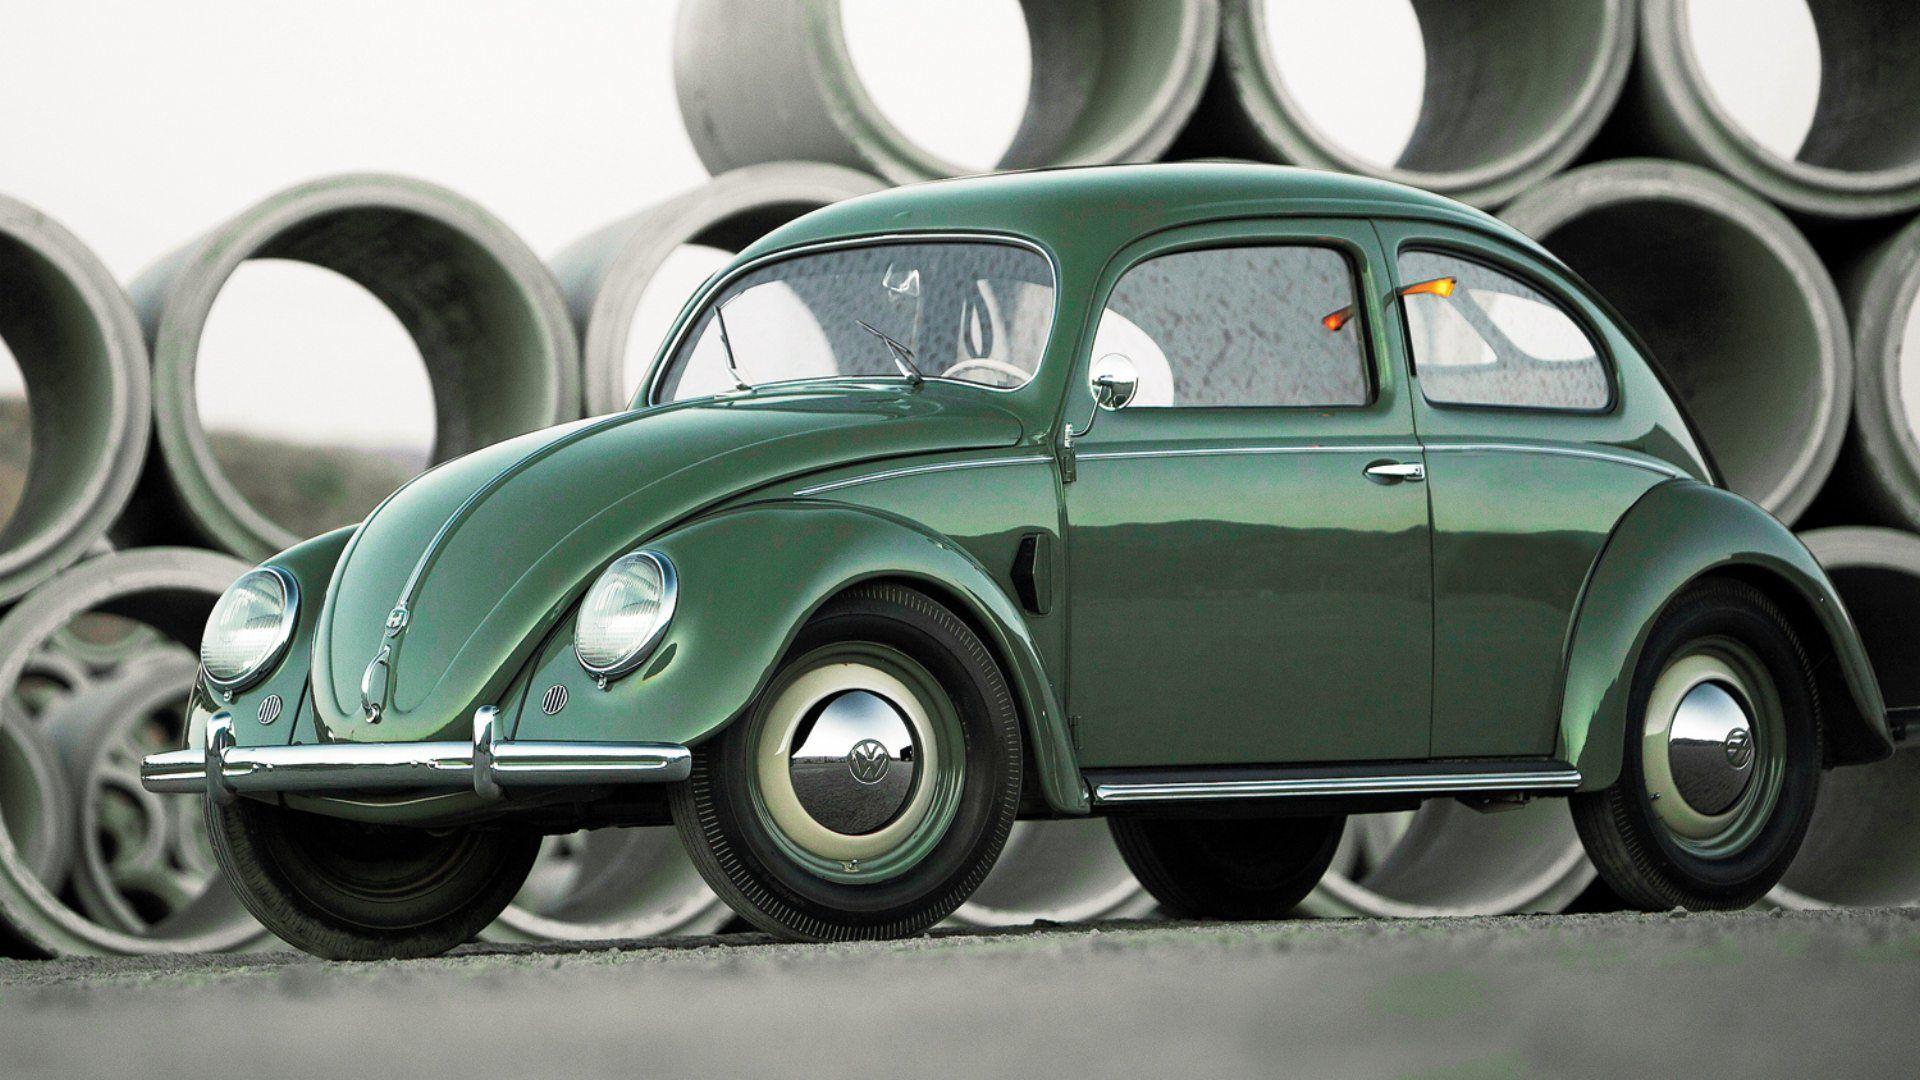 Classic Vw Beetle Volkswagen Beetle Classic Hd Wallpapers